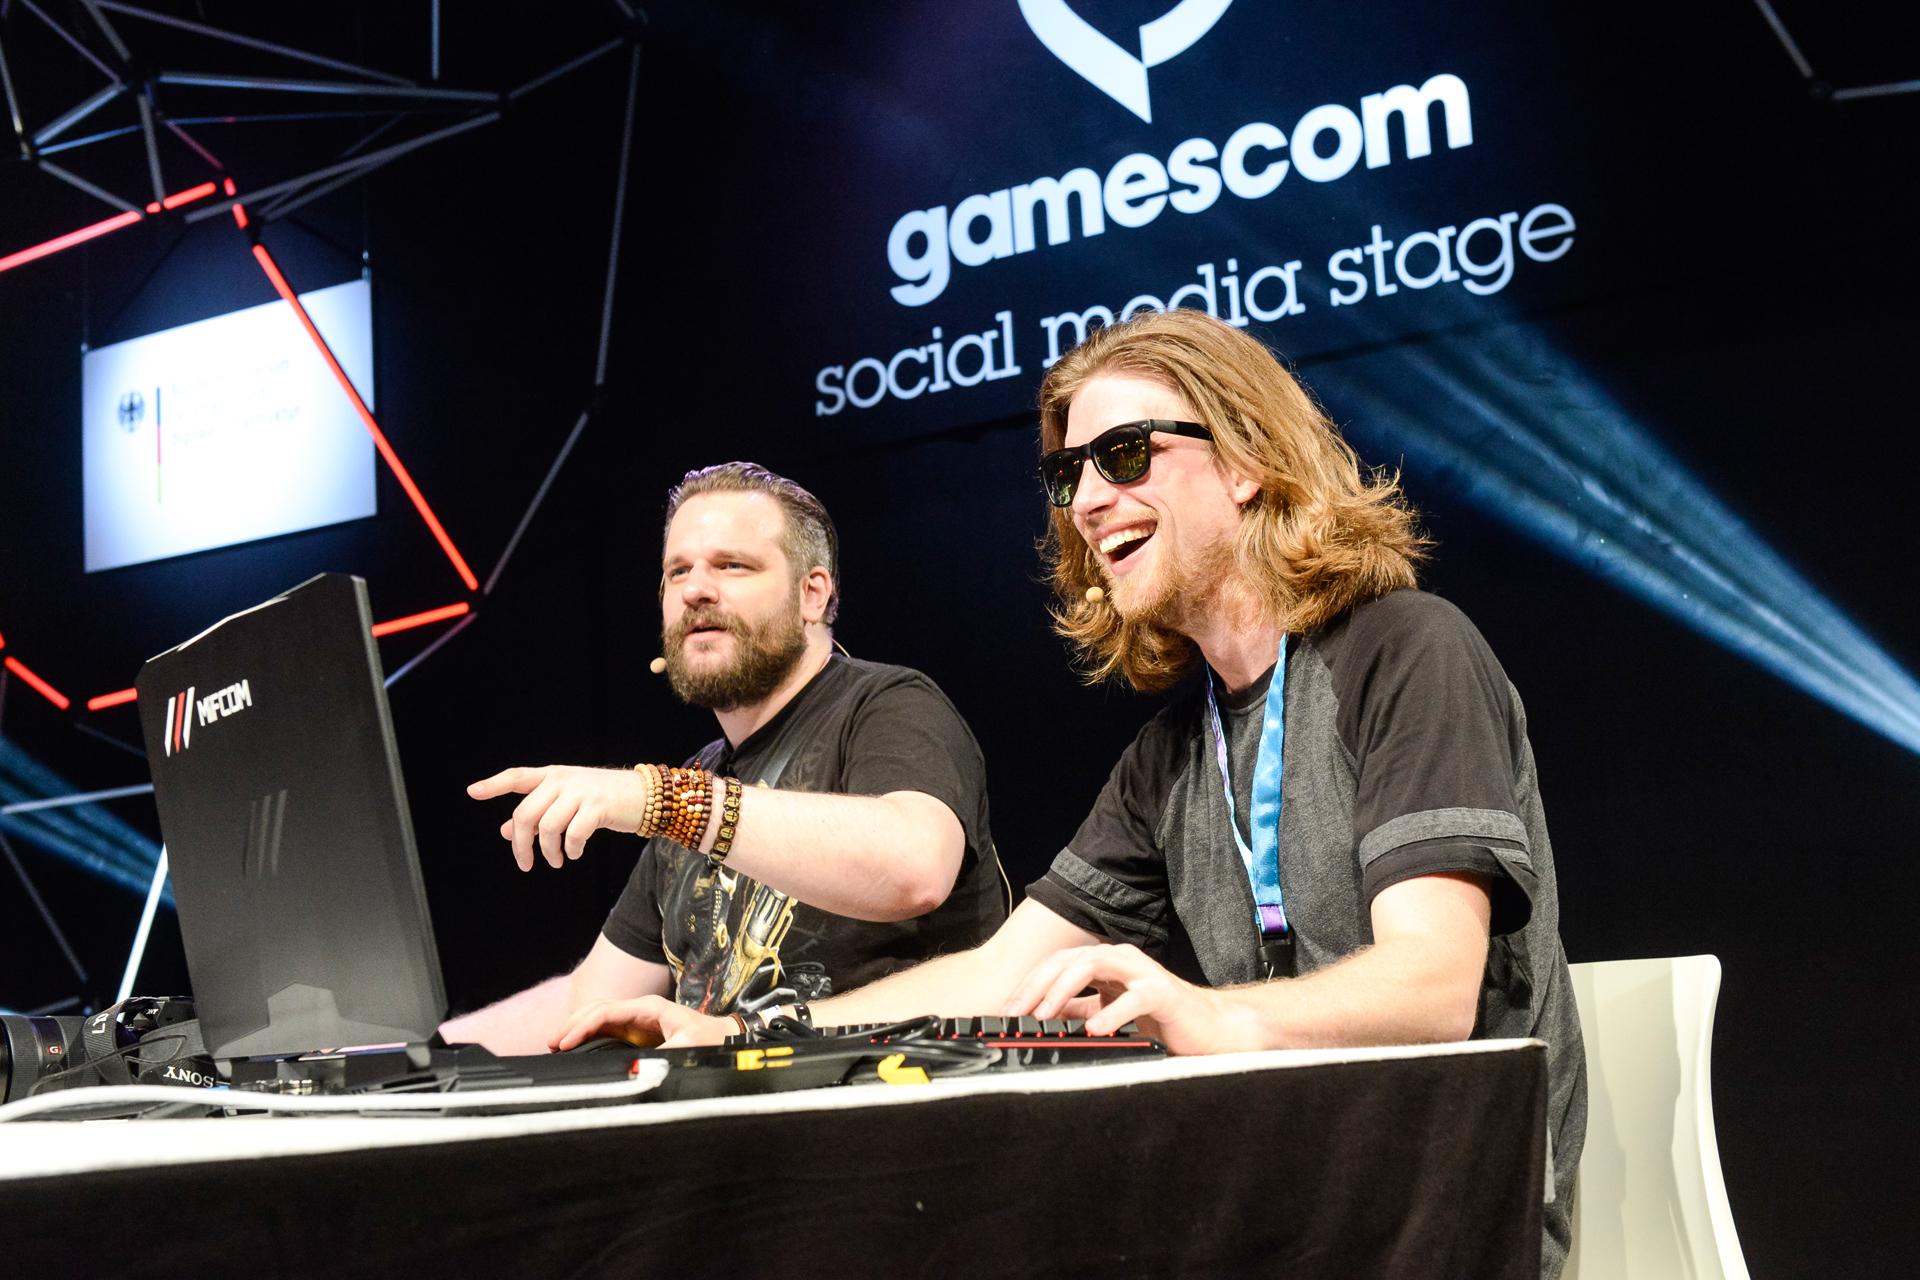 Gronkh und Sarazar auf der social media stage, Halle 10.1; Quelle: Gamescom